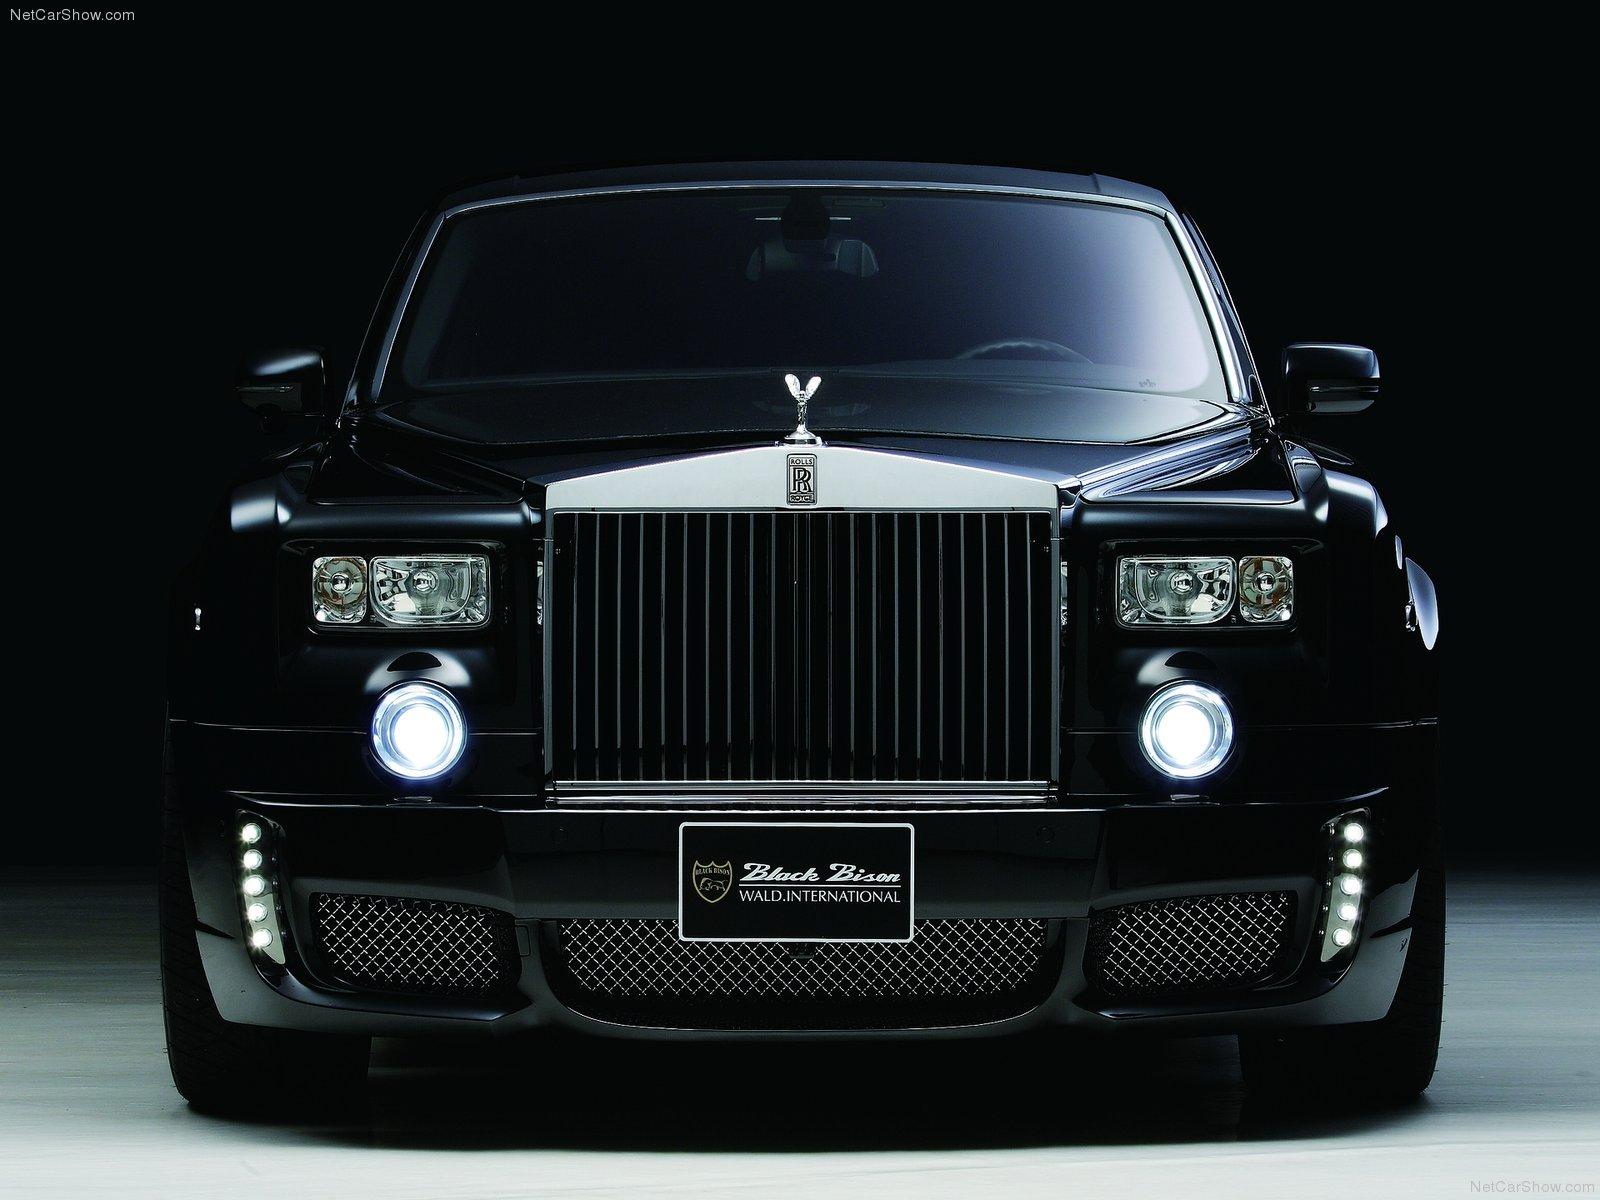 Rolls royce automobili - Royal royce car wallpaper ...